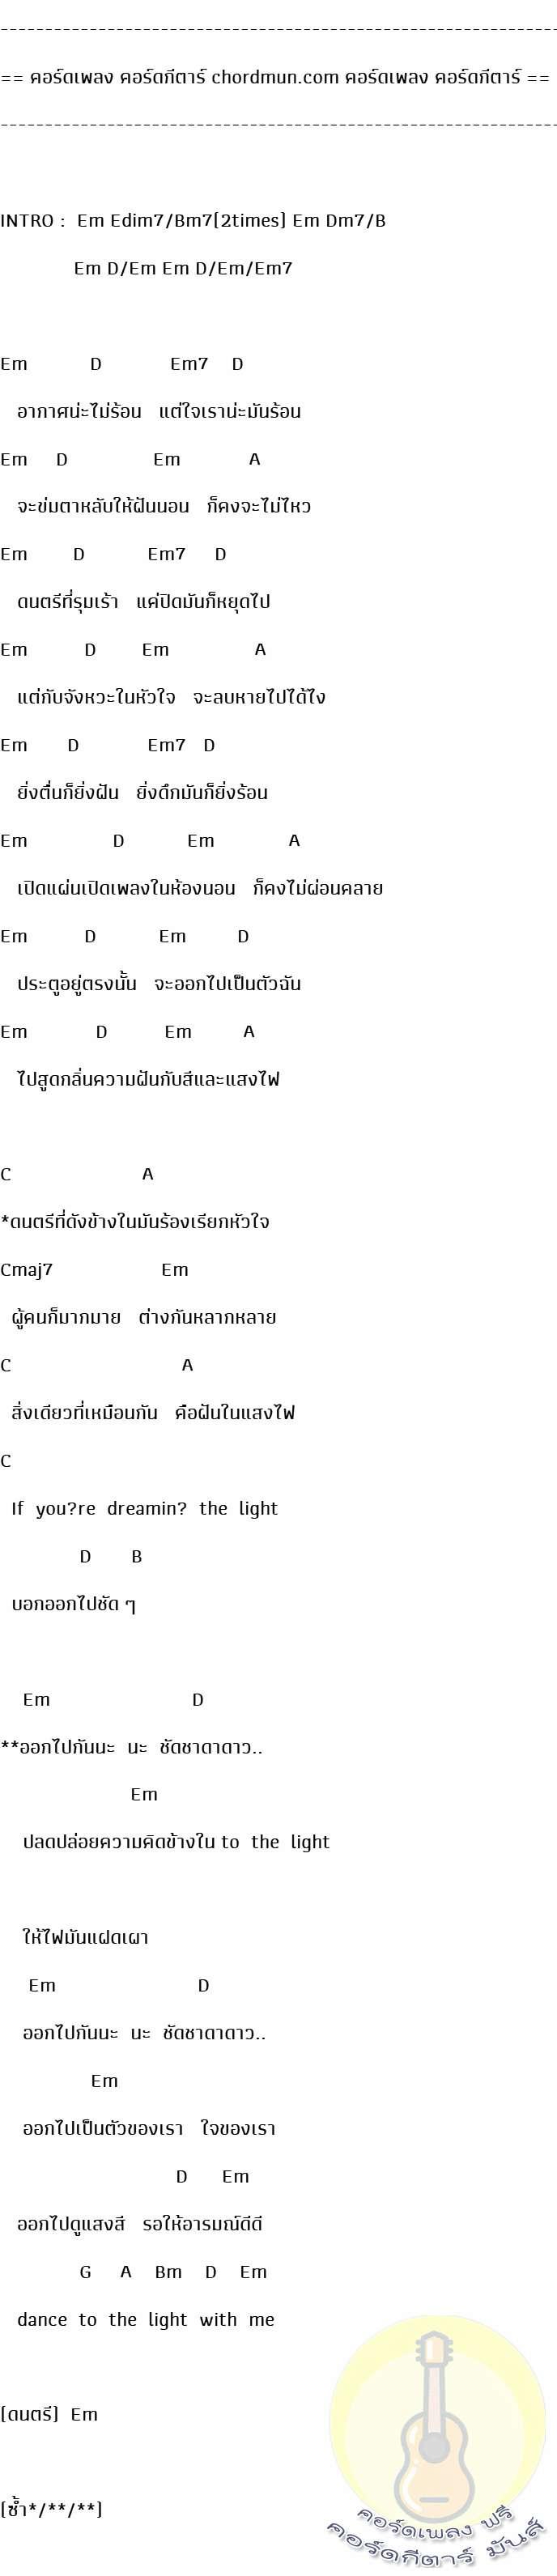 คอร์ดกีตา  เพลง Dream of Light